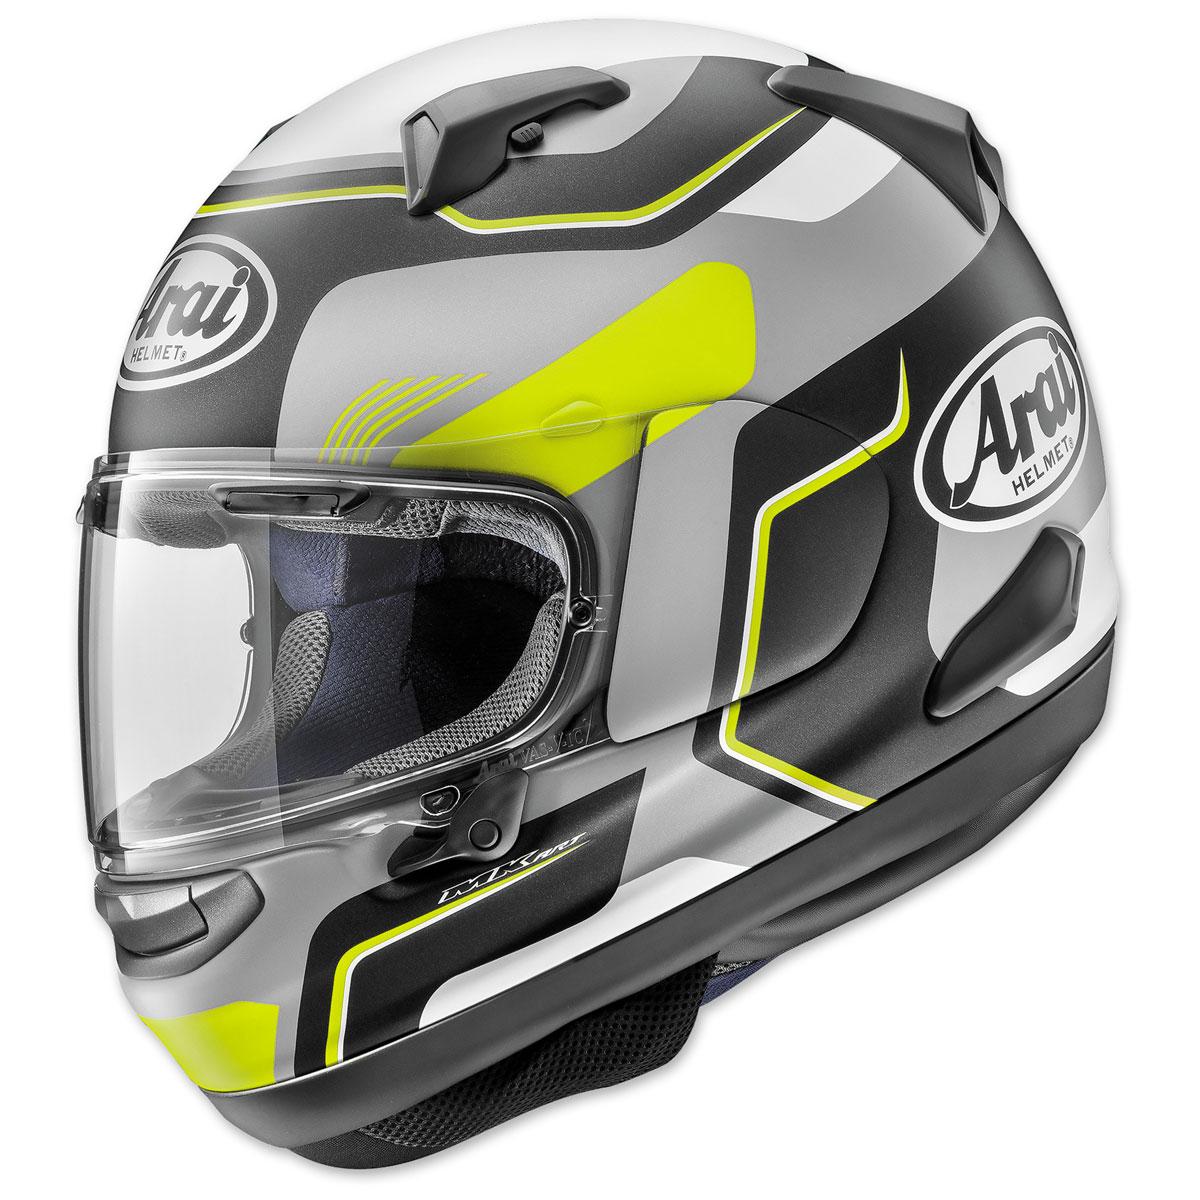 Arai Signet-X Sense Yellow Full Face Helmet